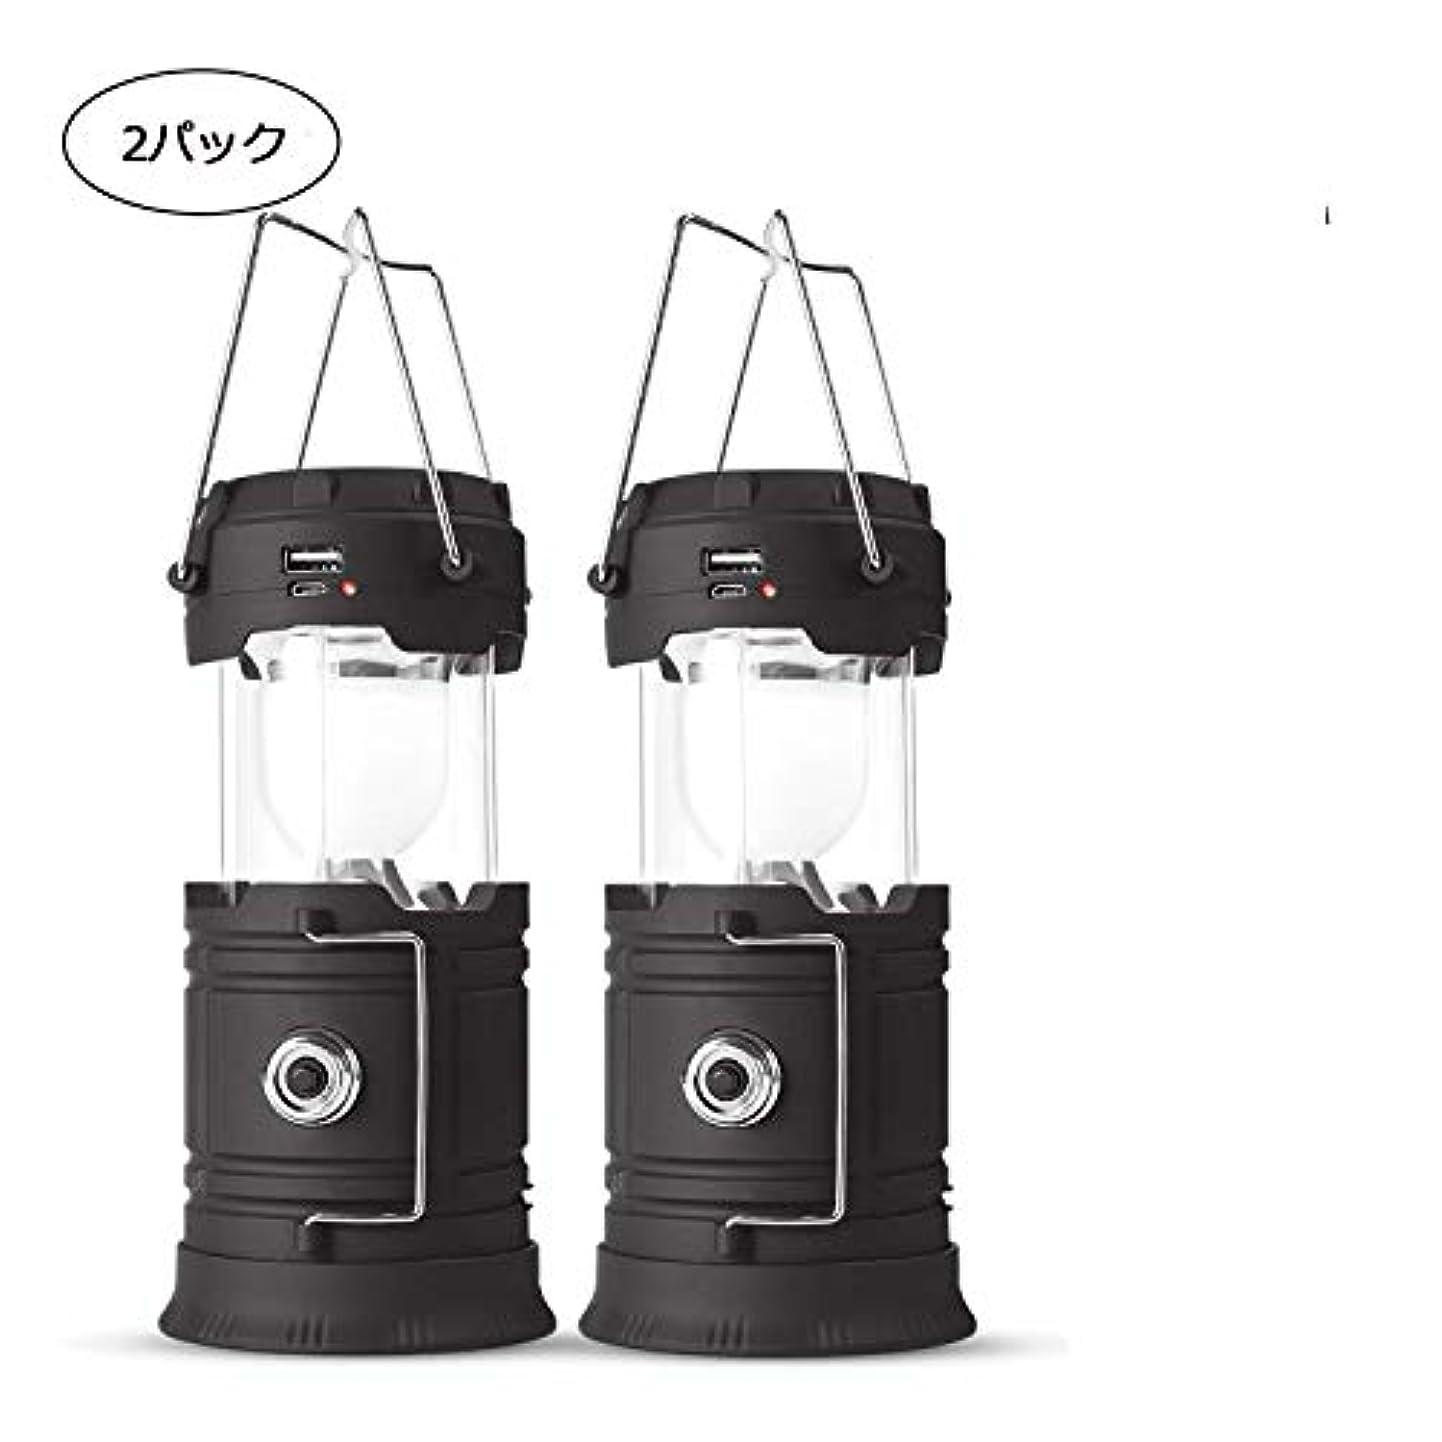 パワーセル好きである道を作るAITOO LEDランタン 携帯式 ソーラー充電可能 超高輝度 防水仕様 スライド式 アウトドアテント灯 登山 夜釣り ハイキング 伸縮キャンプ 【2個セット】(黒)